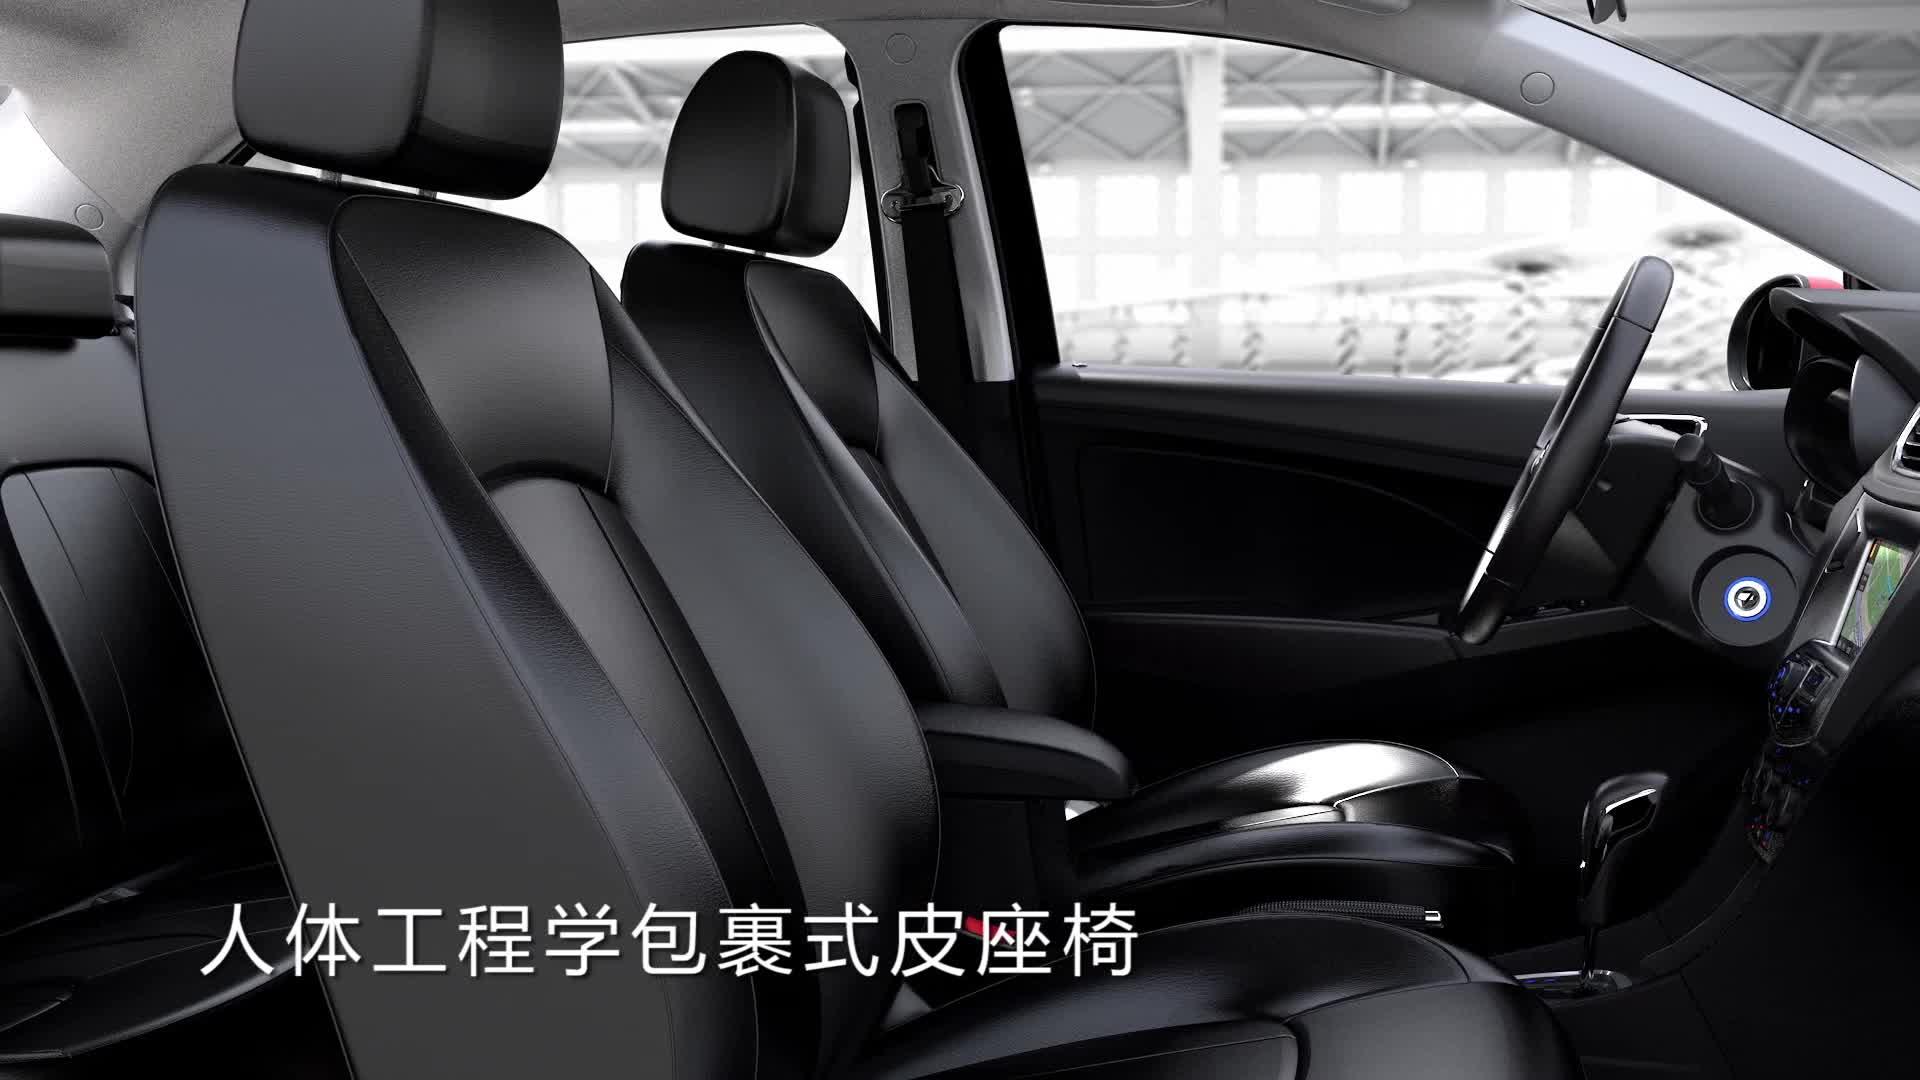 9 艾瑞泽3产品篇 style 1080p高清图片